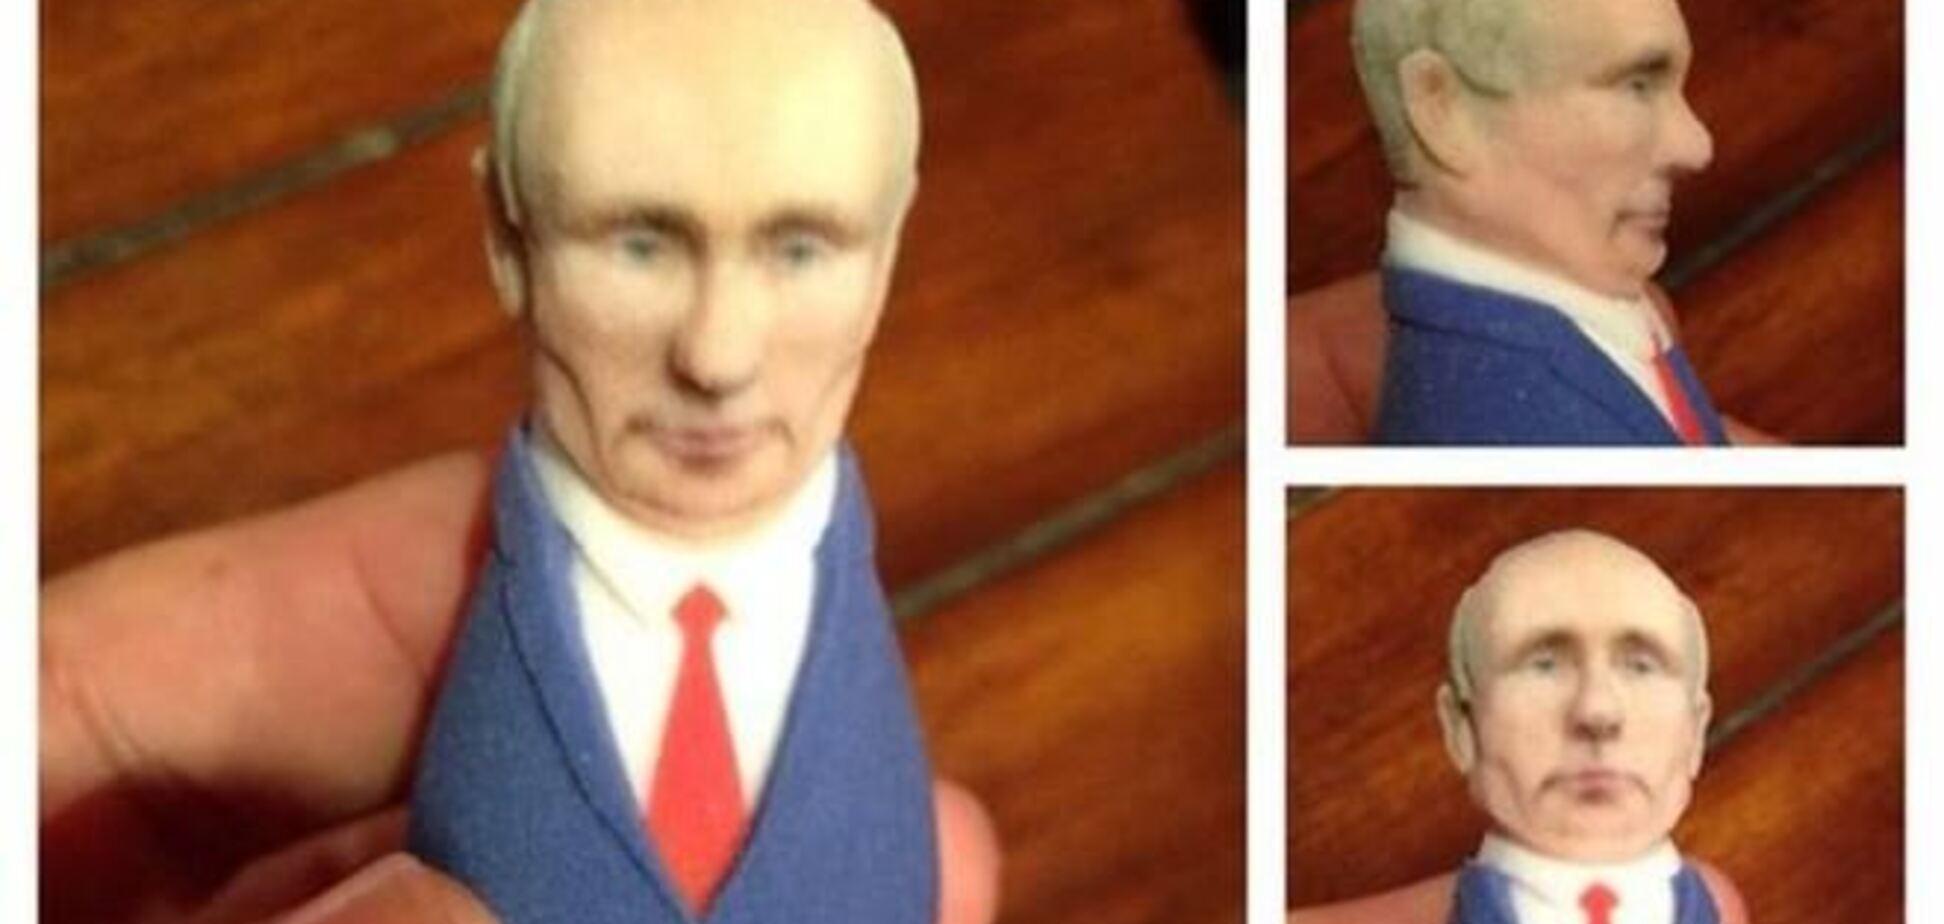 Графический дизайнер из Италии создал секс-игрушку с лицом Путина